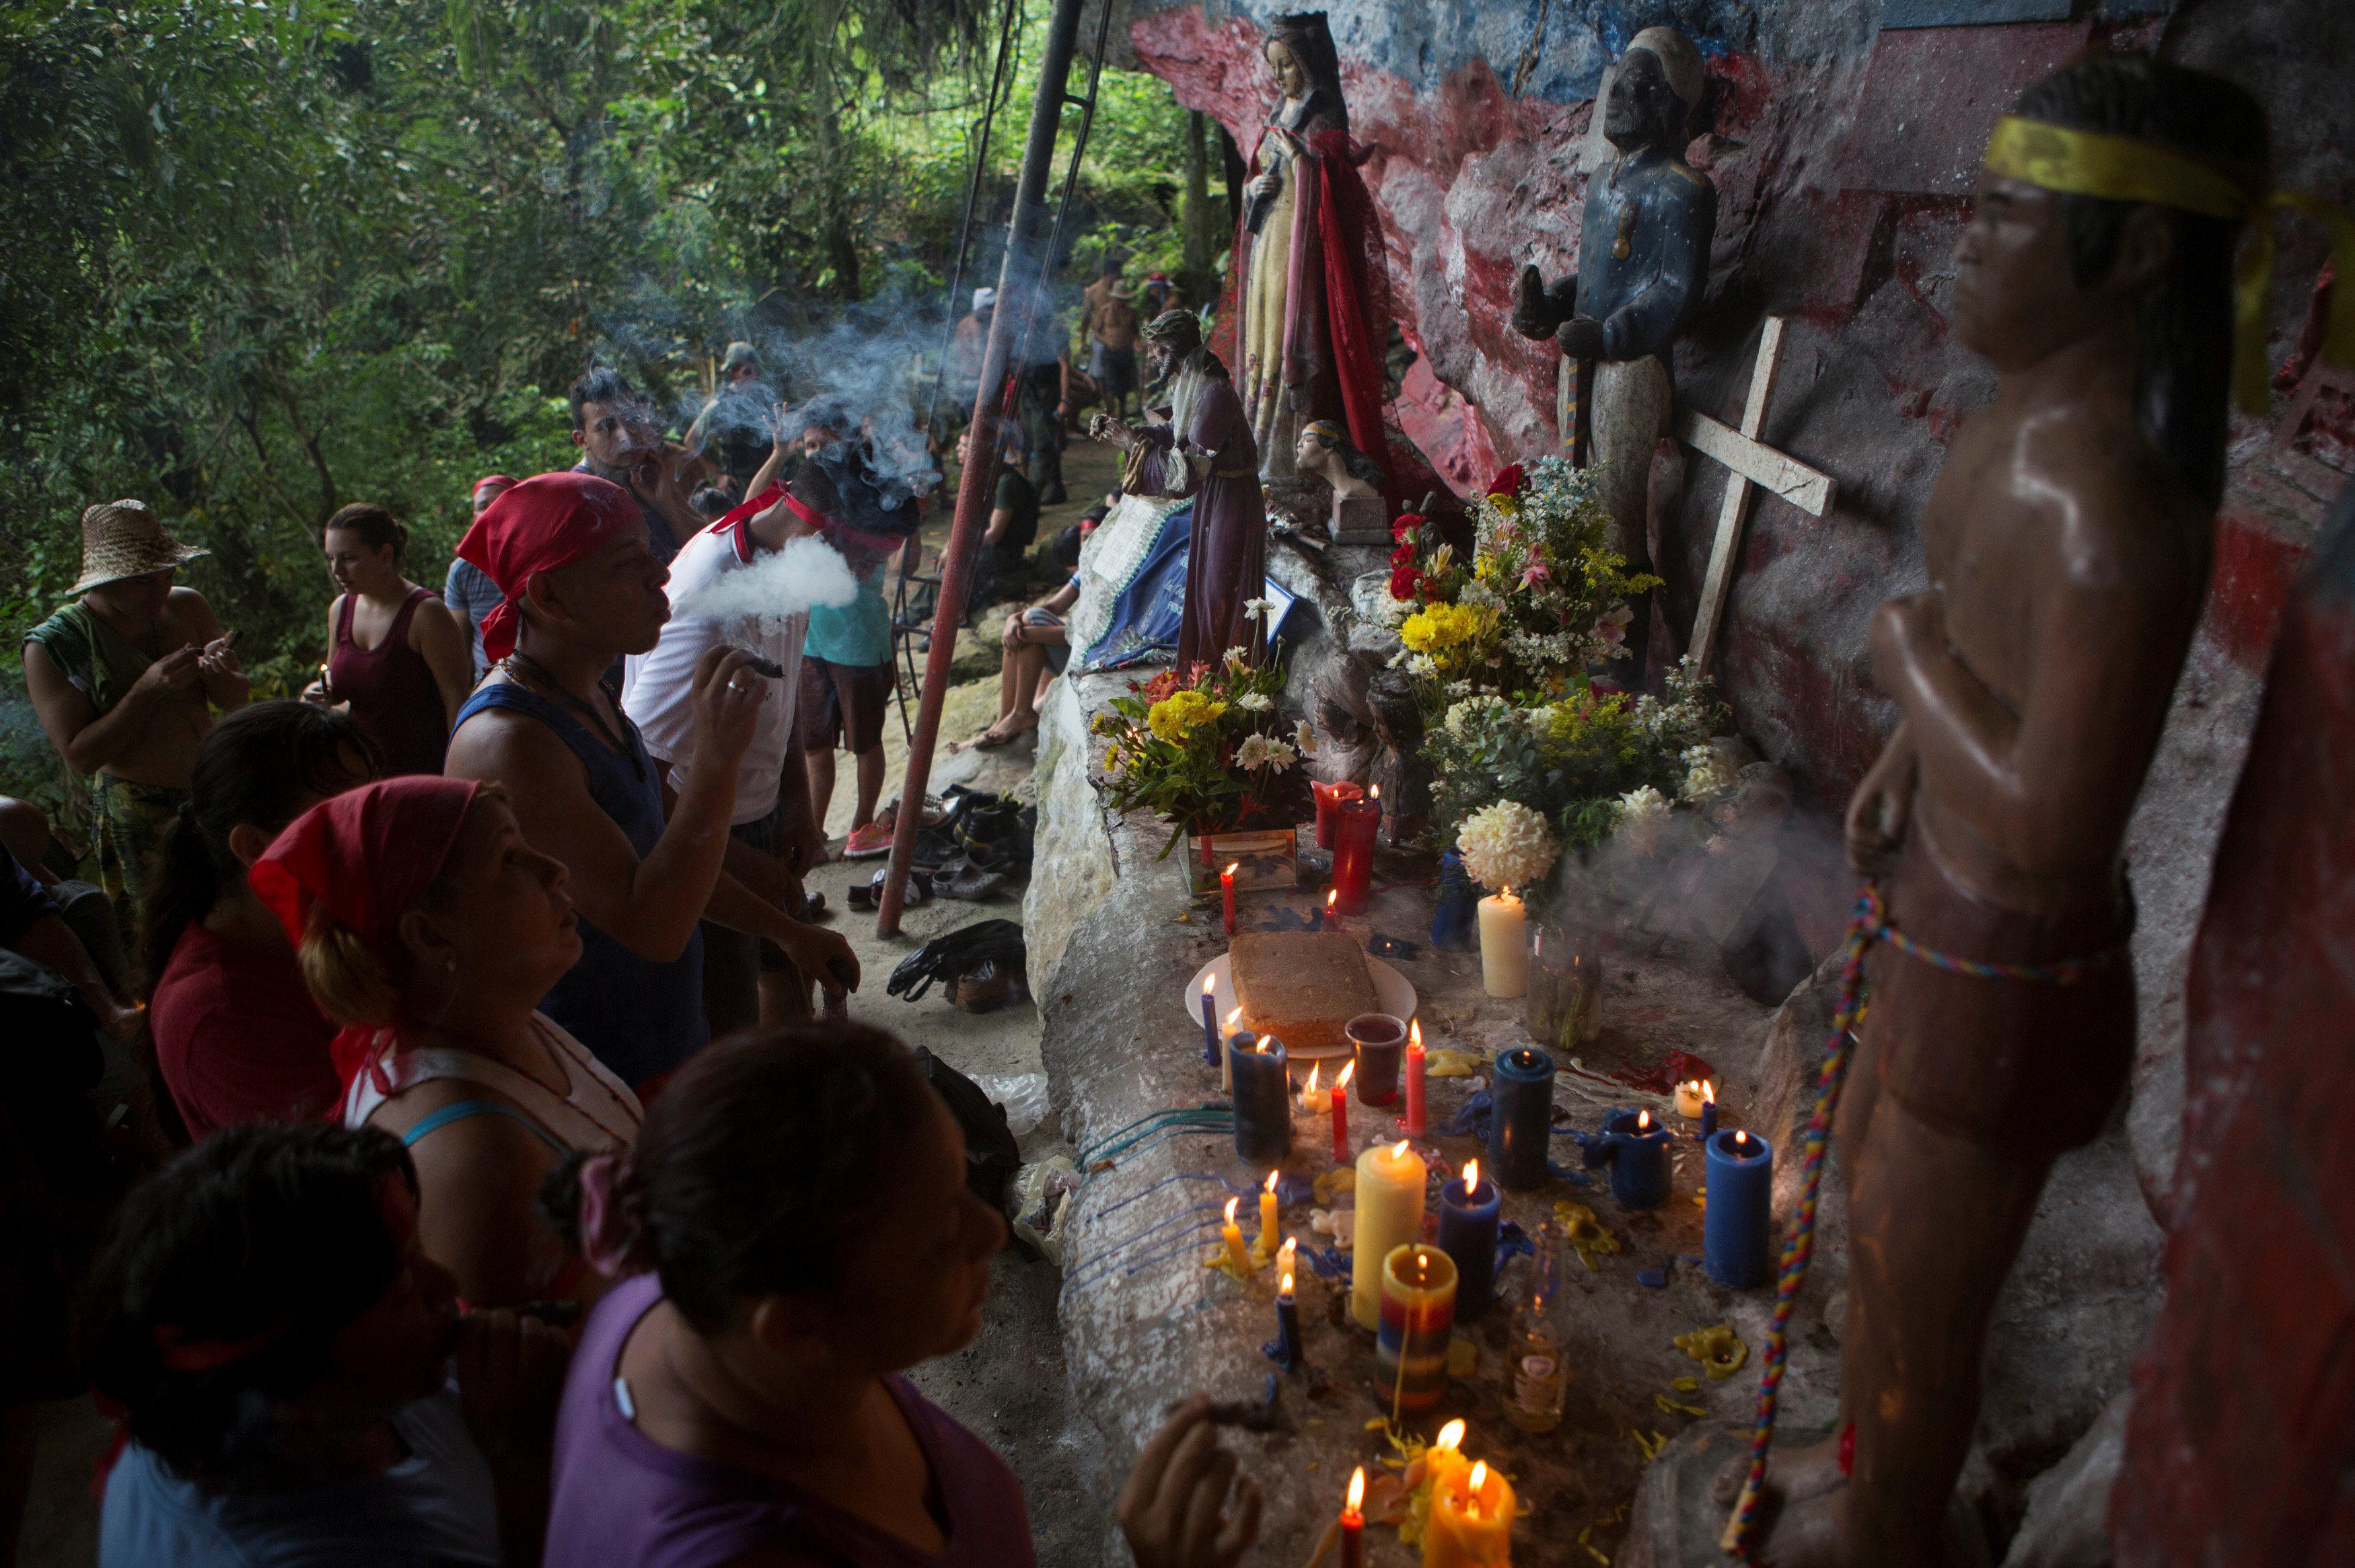 Los seguidores del culto a María Lionza creen que el humo de los puros y la llama de las velas complacen a la diosa